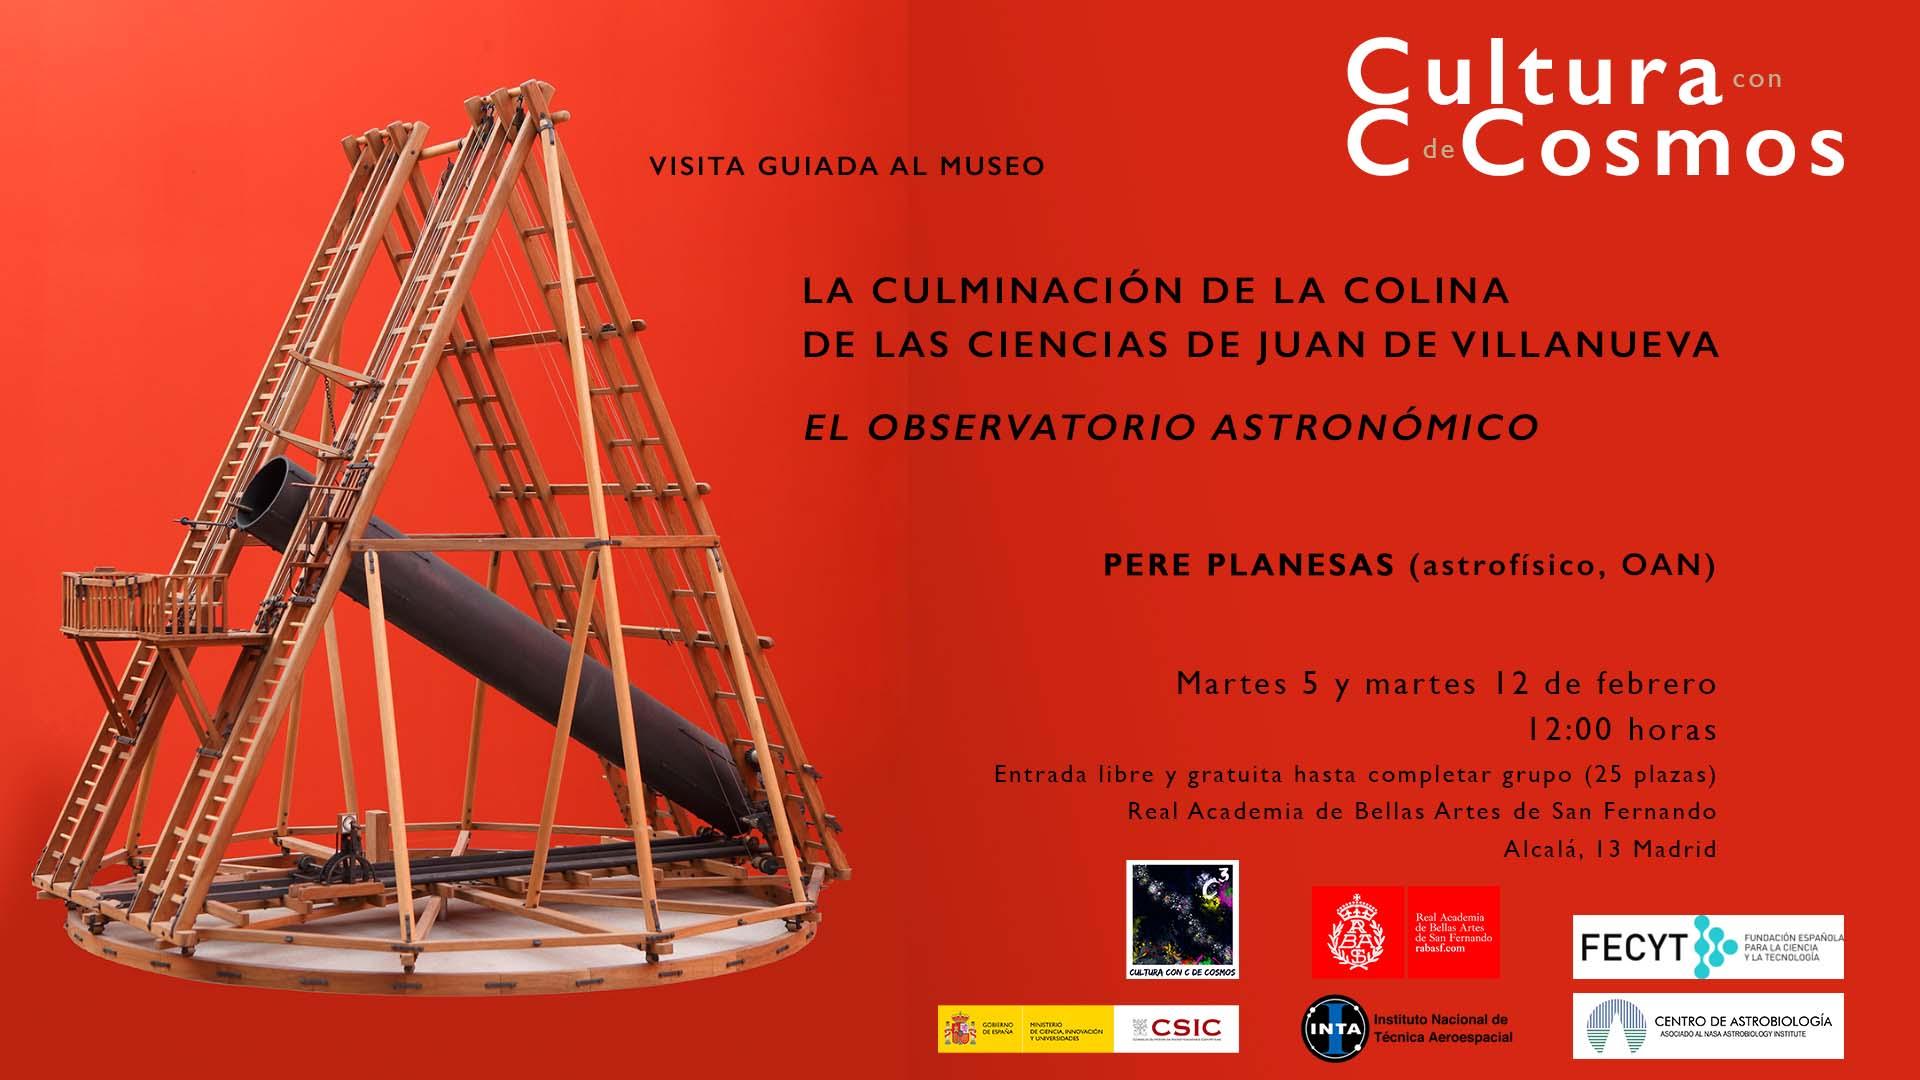 C3 Invitación visita guiada Pere Planesas RABASF